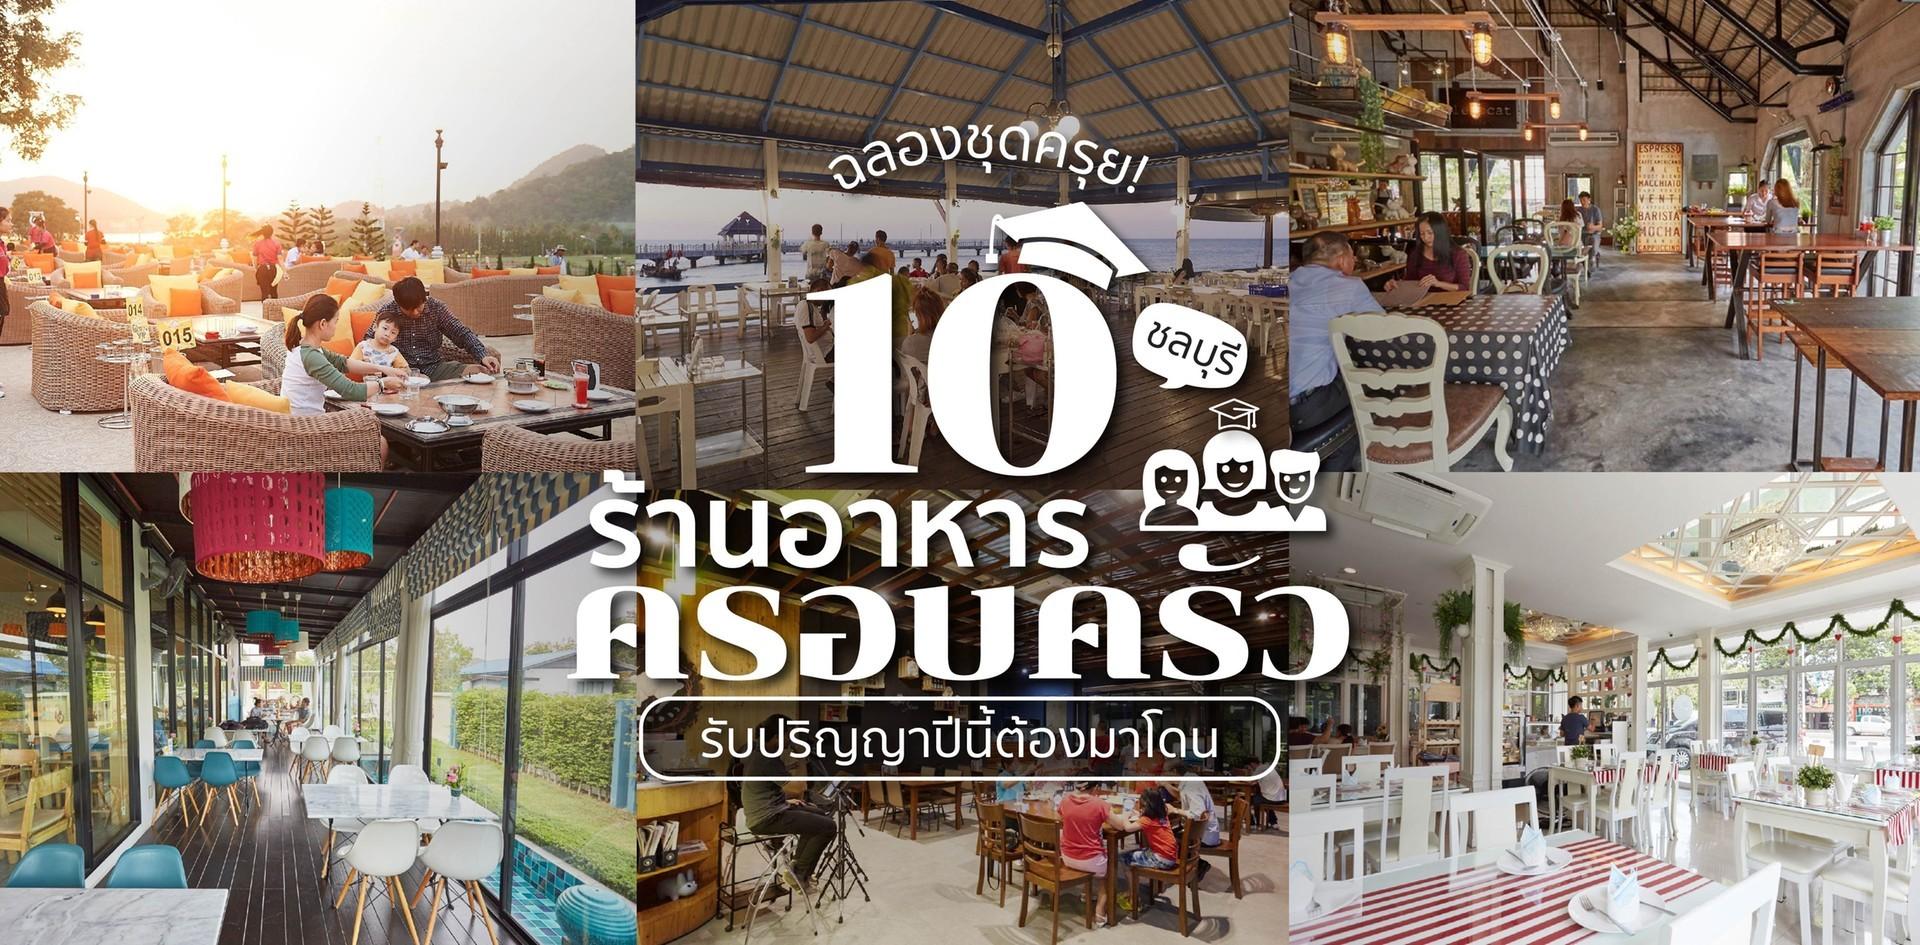 10 ร้านอาหารครอบครัว ชลบุรี รับปริญญา 2018 นี้ ต้องไปที่นี่ให้ได้